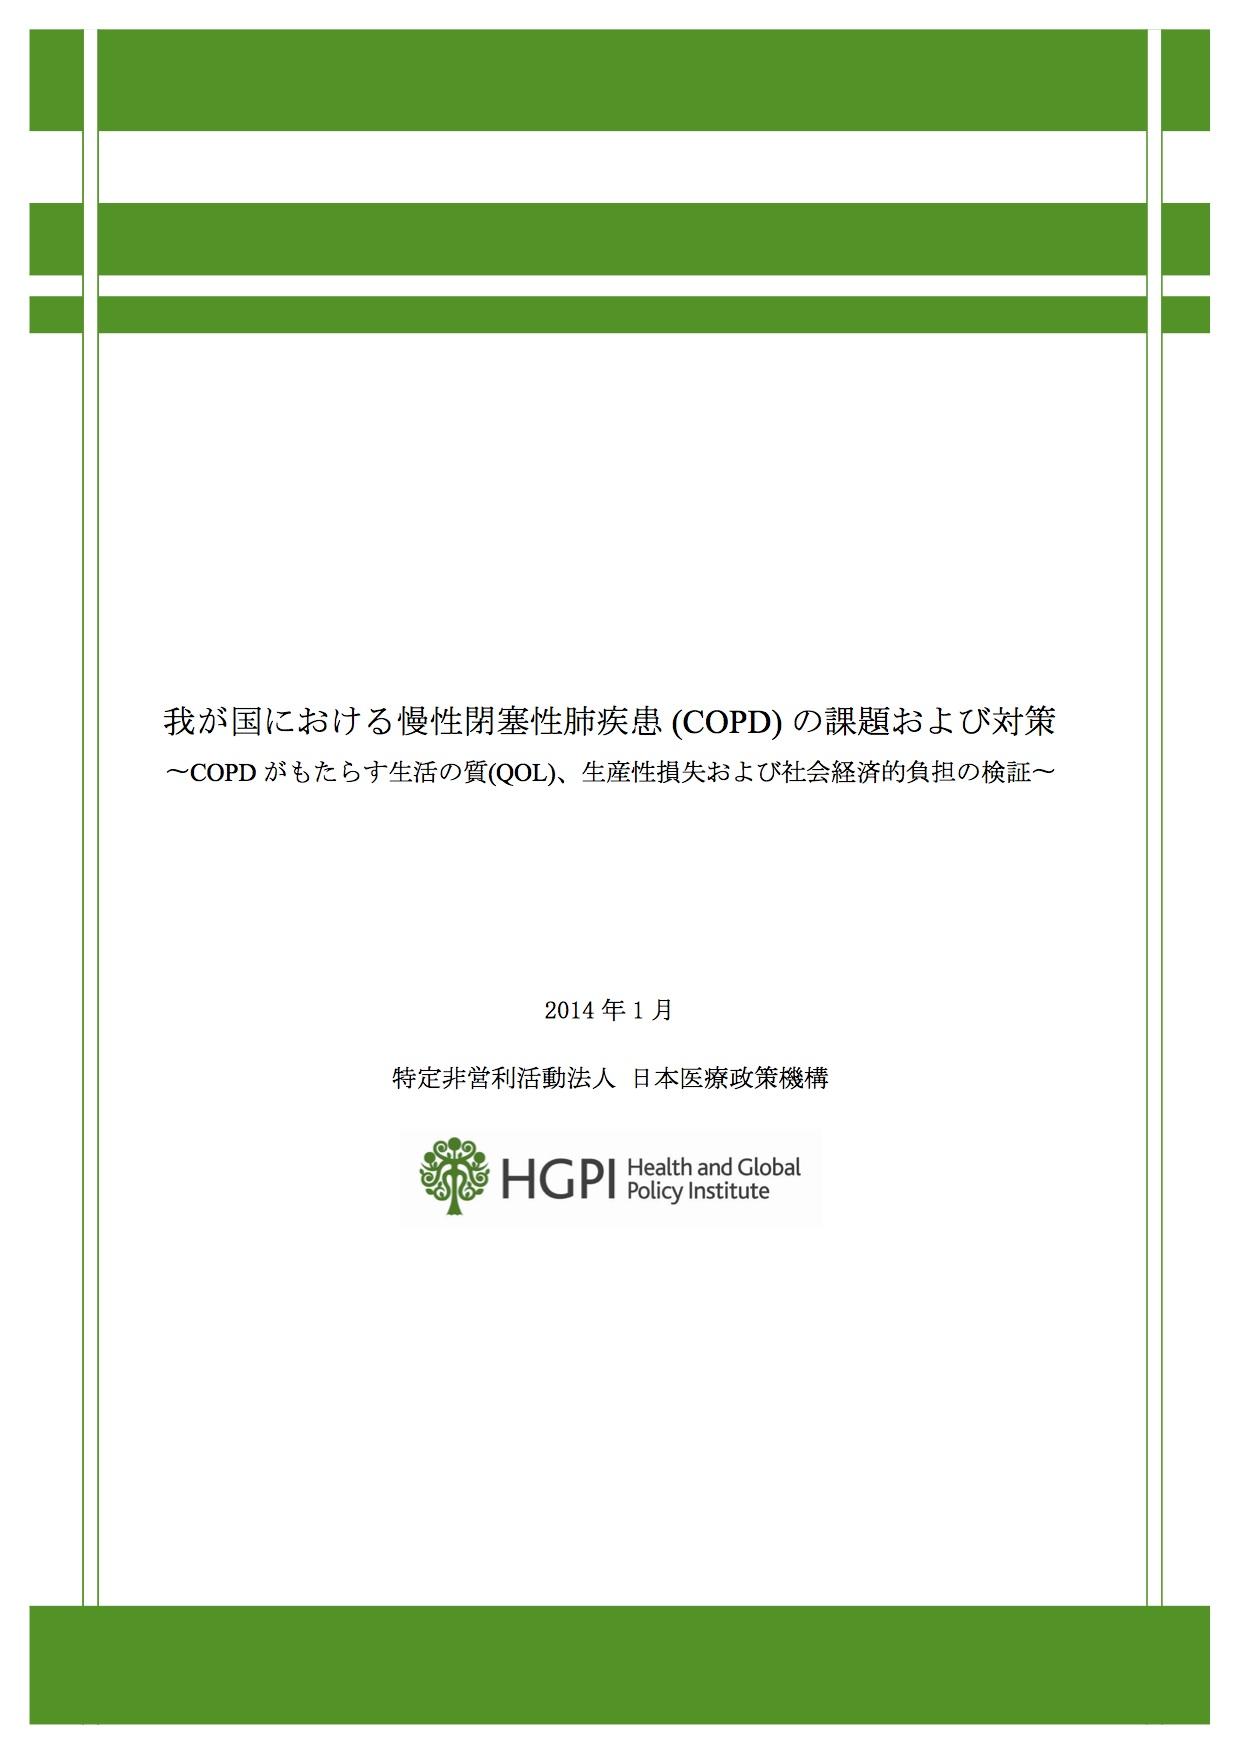 (調査報告)「慢性閉塞性肺疾患(COPD)の社会経済的負担に関する調査」